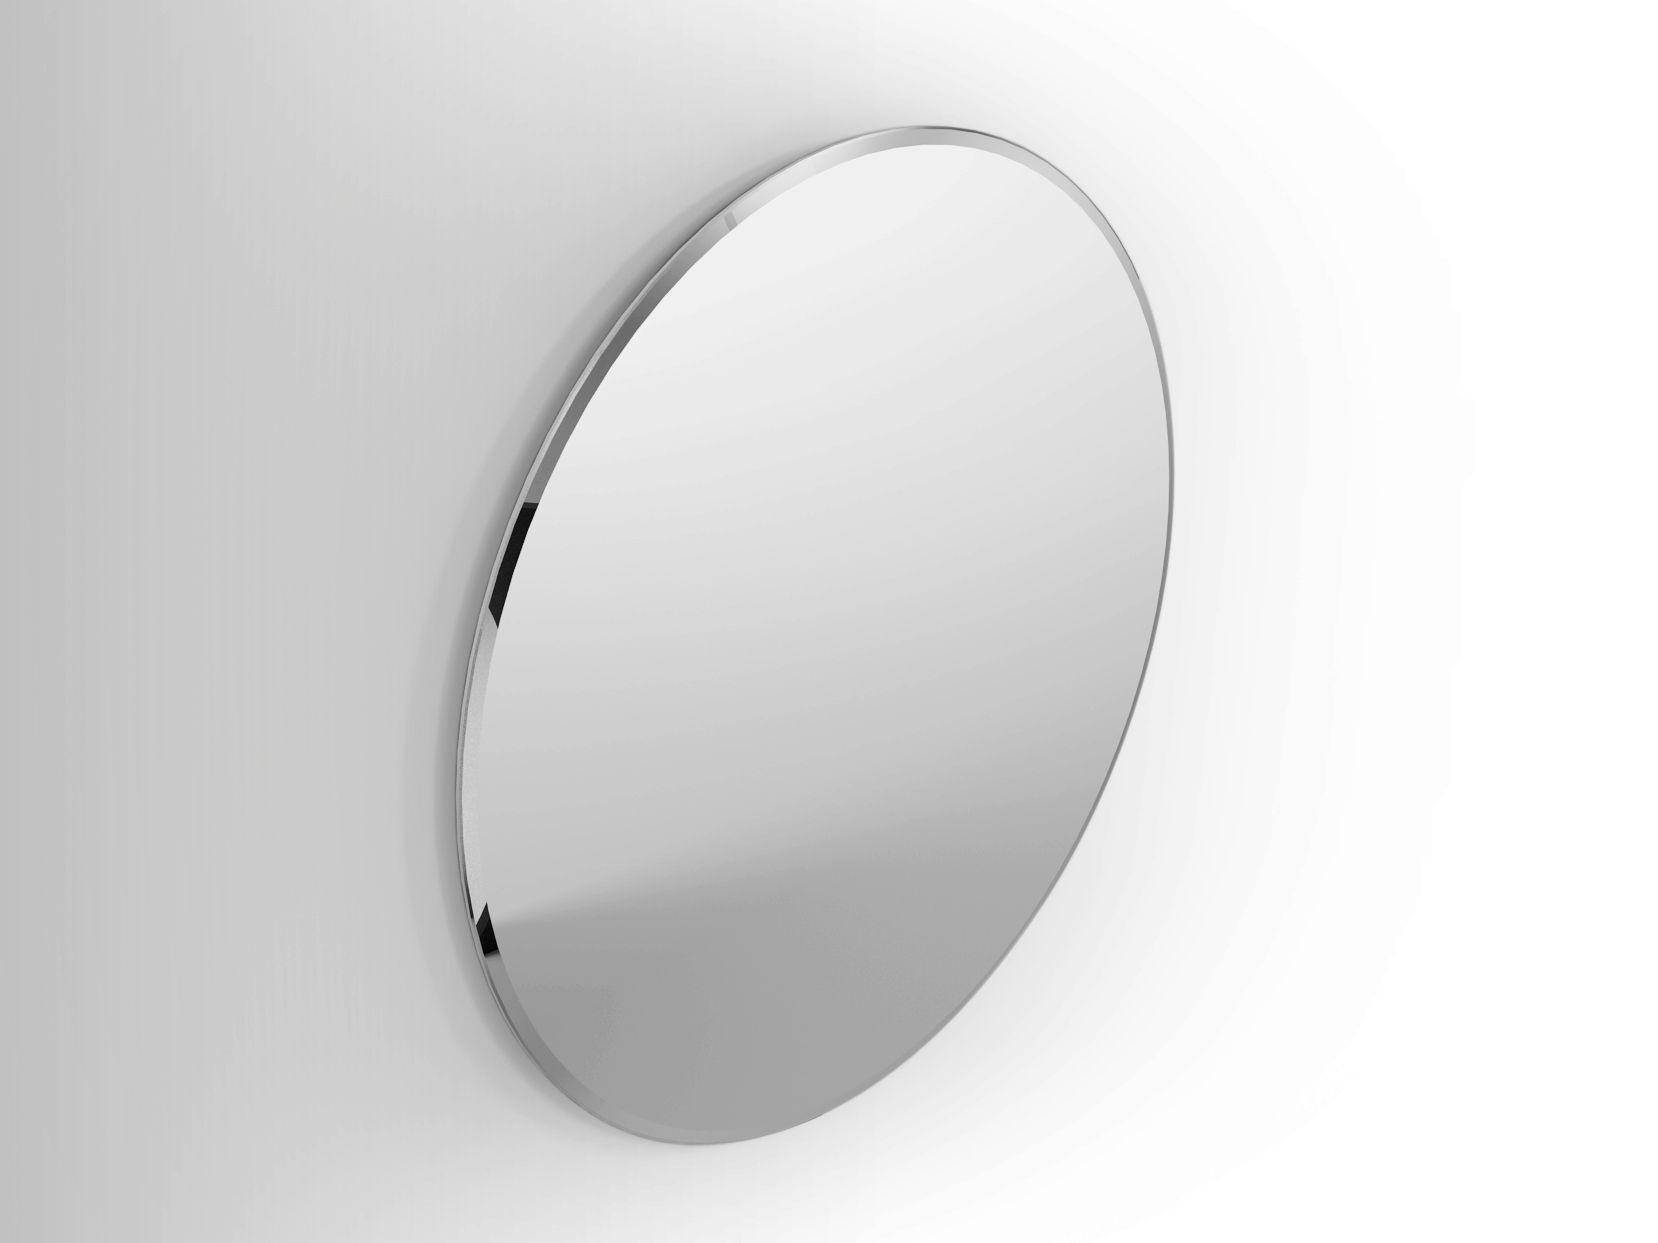 Specchio Tondo Da Parete.Specchio Tondo Da Parete Idea D Immagine Di Decorazione